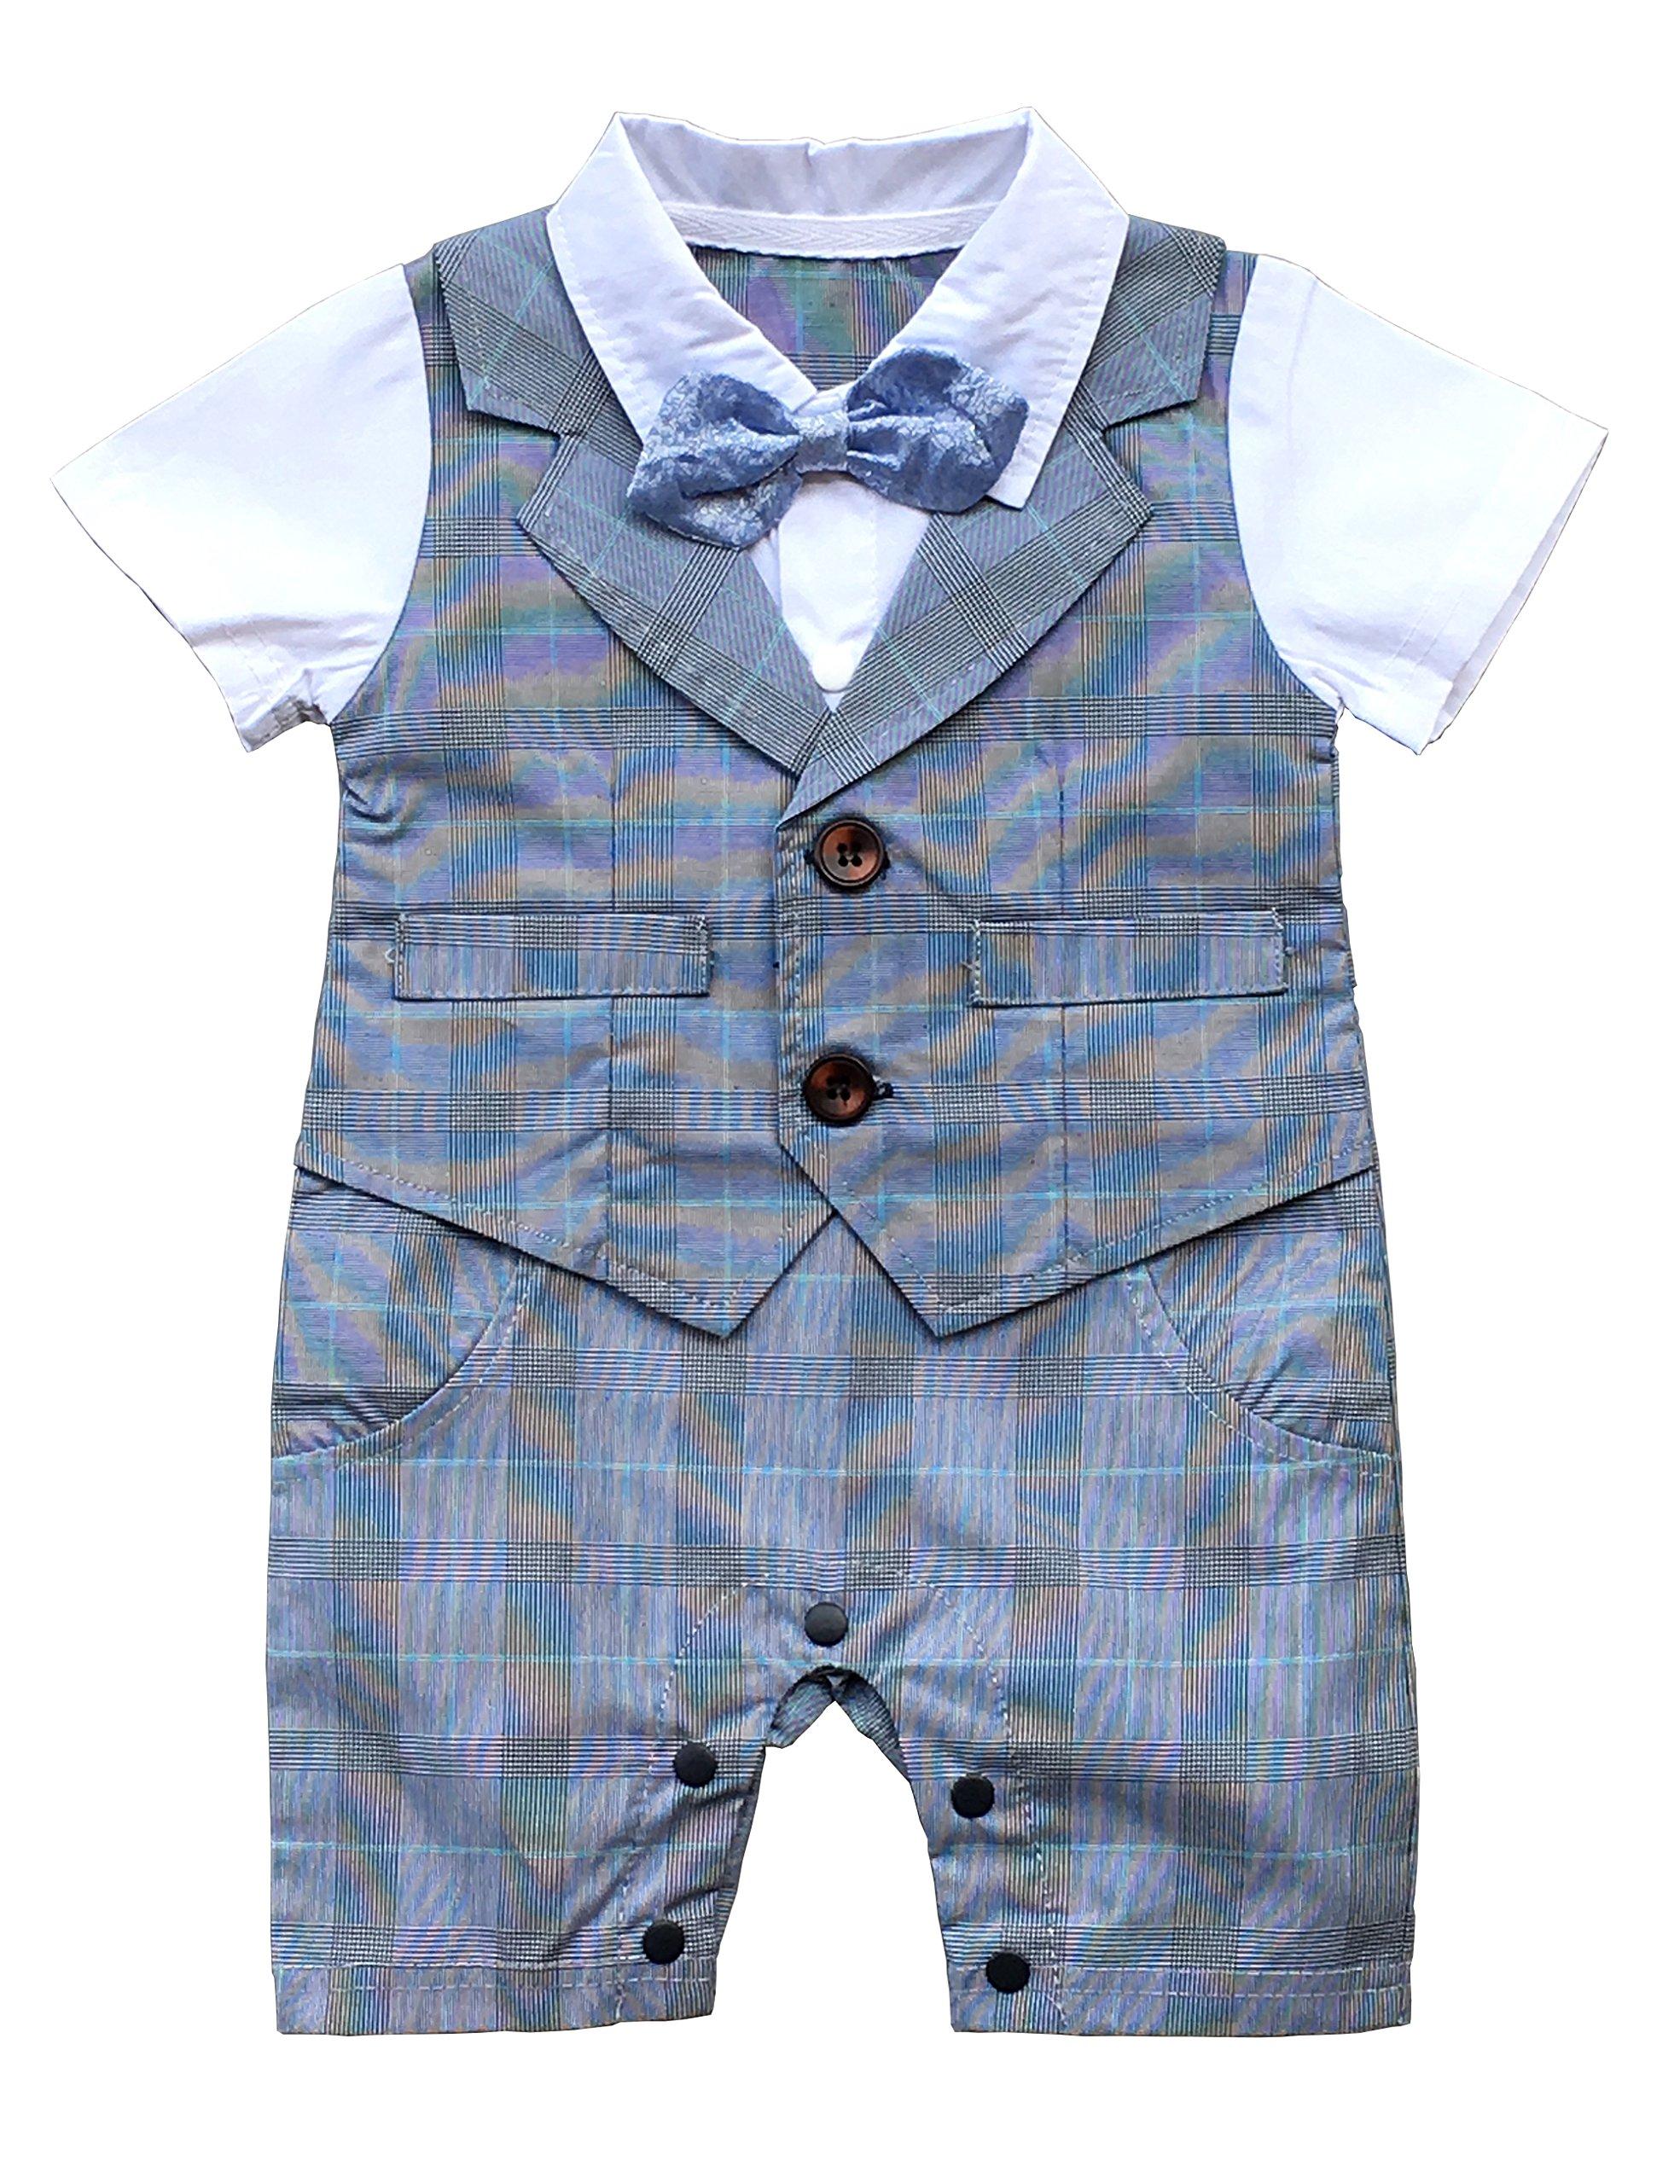 HeMa Island HMD Baby Boy Gentleman White Shirt Bowtie Tuxedo Onesie Jumpsuit Overall Romper with Blue Waistcoat (Grey, 6-9 M)